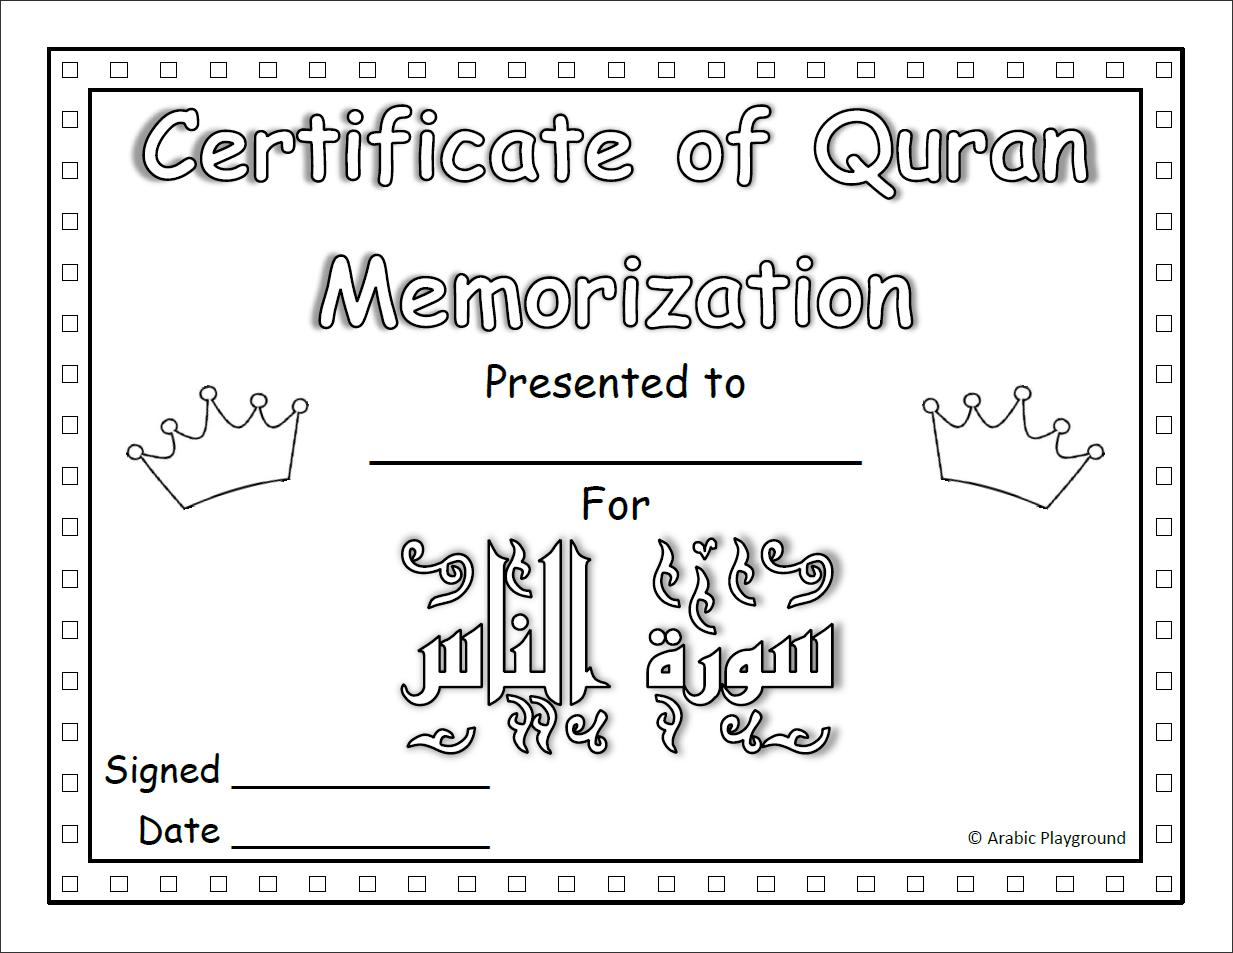 Certificate Of Quran Memorization